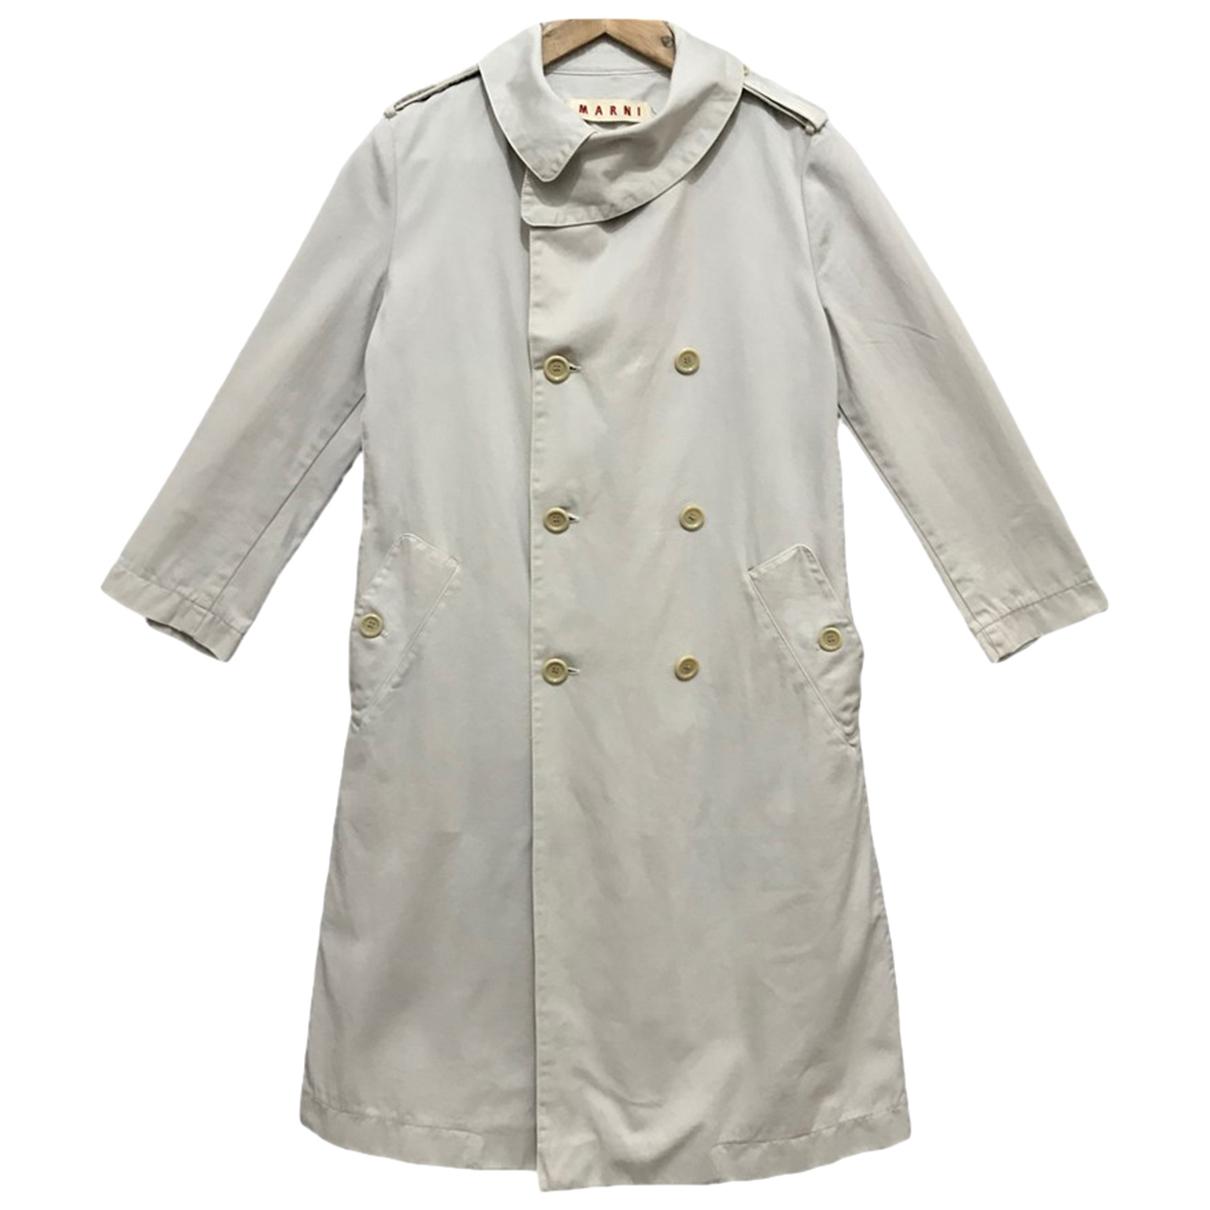 Marni - Veste   pour femme en coton - blanc